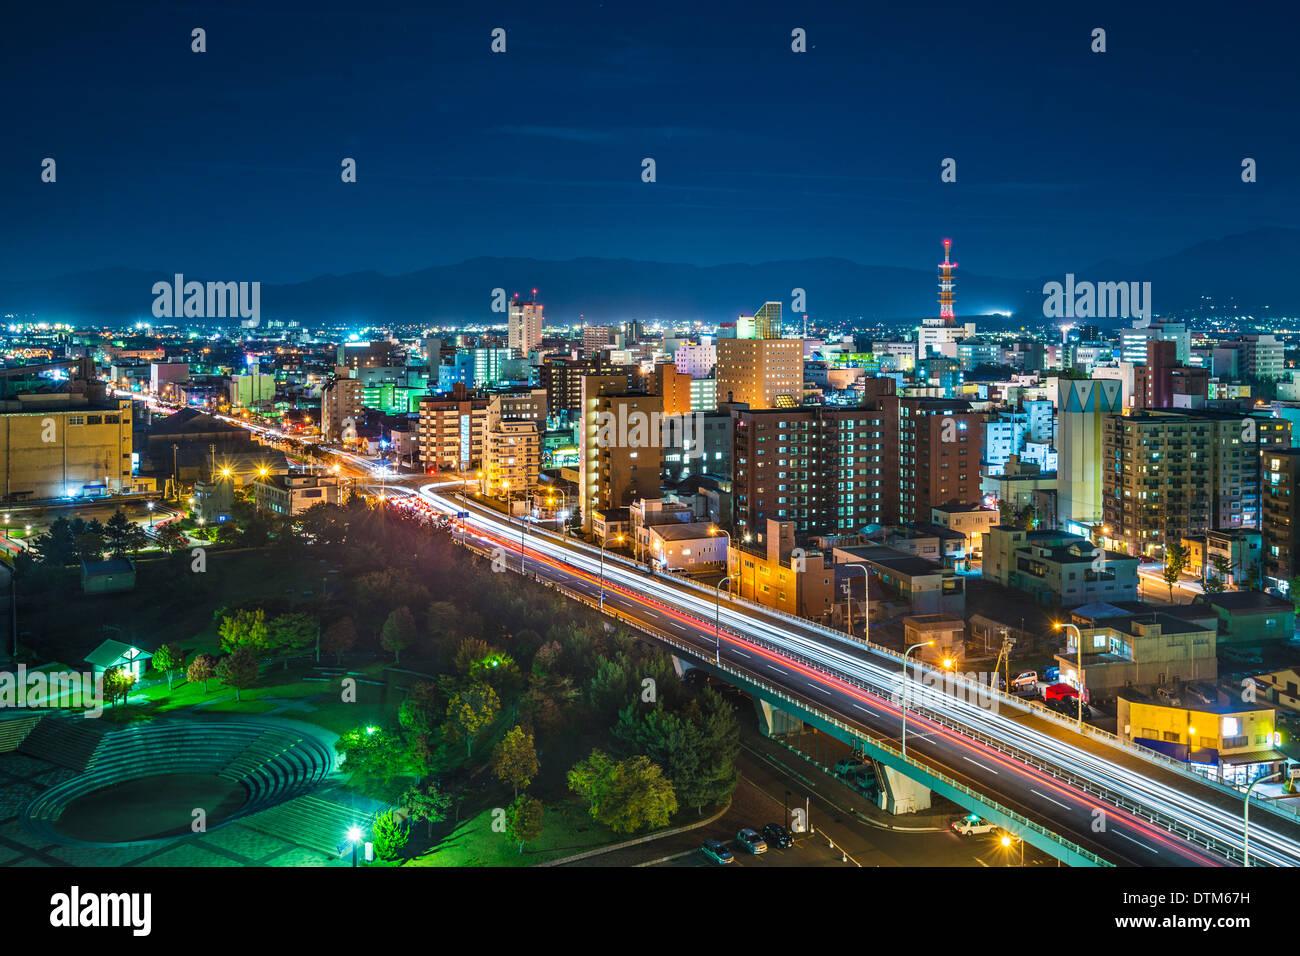 La Ville d'Aomori, la Préfecture d'Aomori, au Japon. Photo Stock